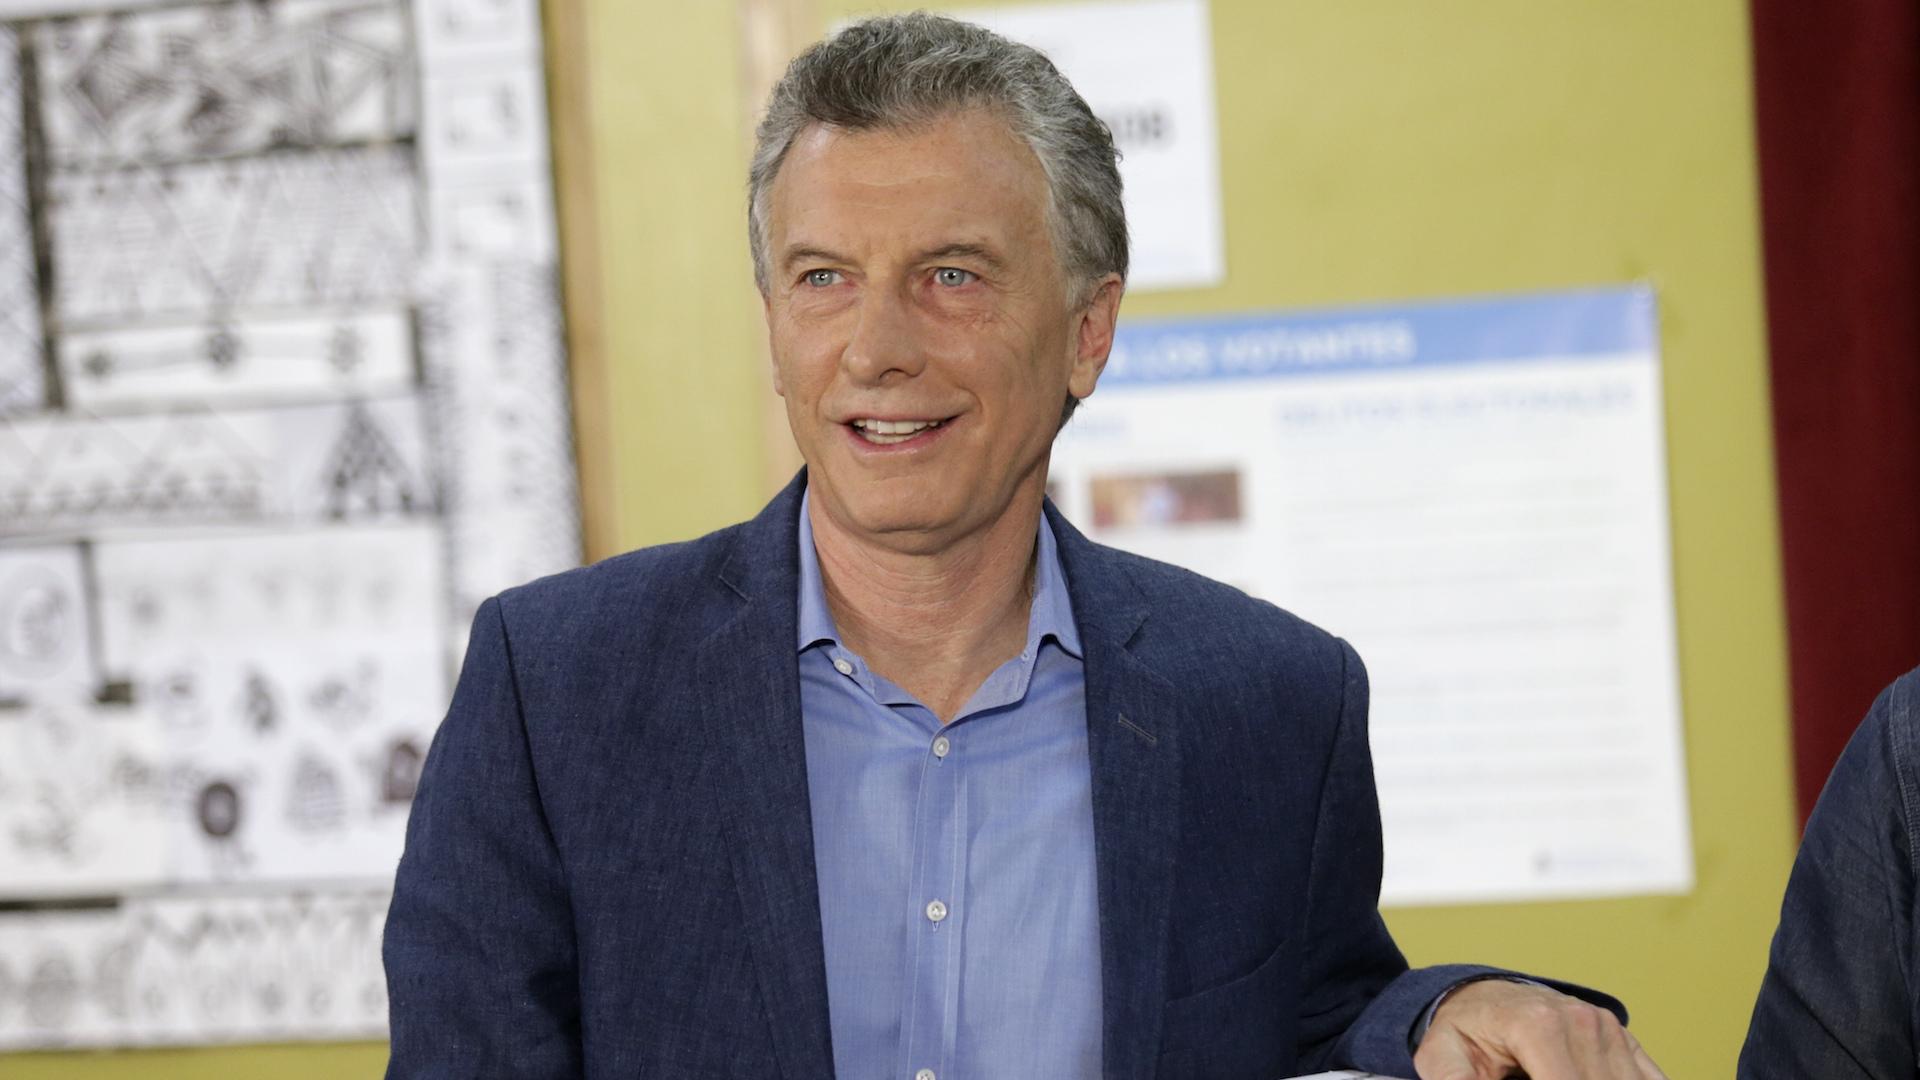 Finaliza votación en Argentina y Fernández aventajaría a Macri